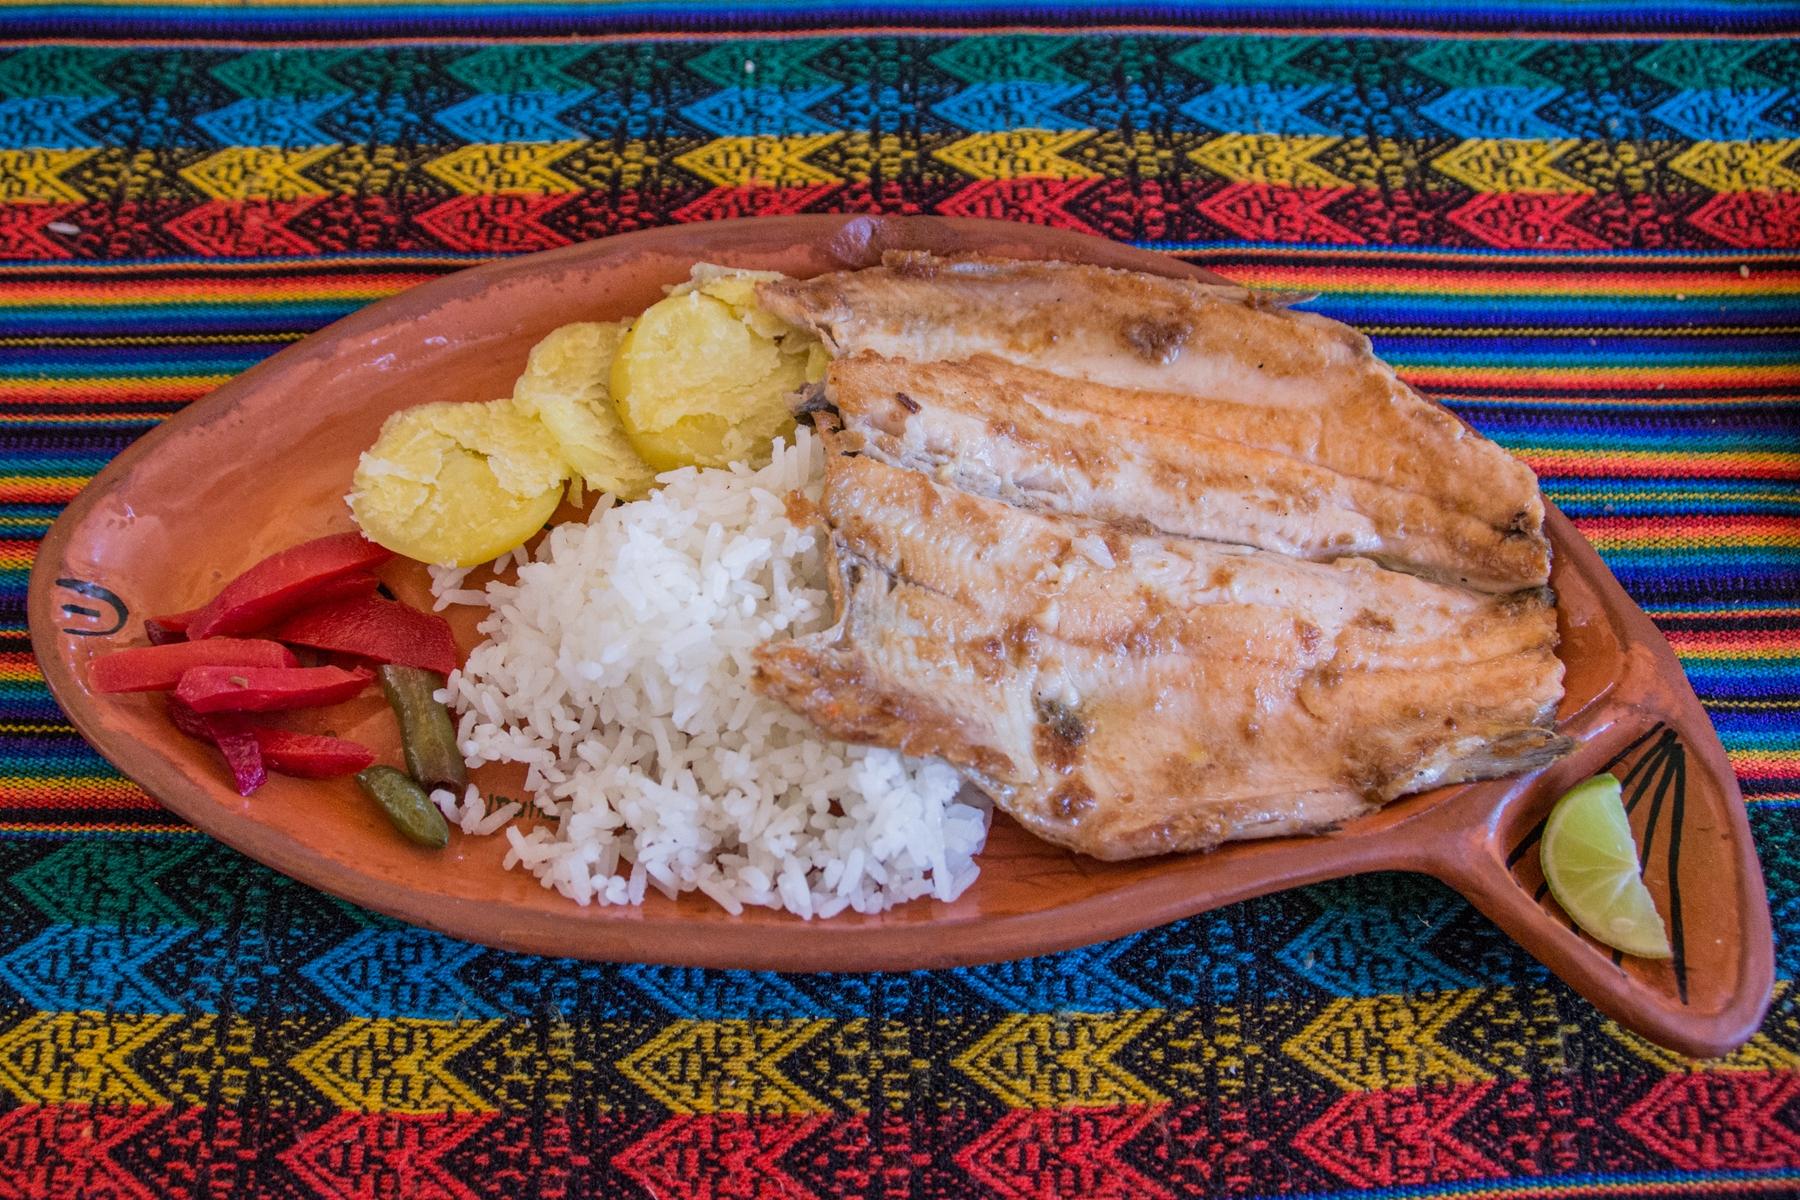 Prato com peixe fresco, no Peru.